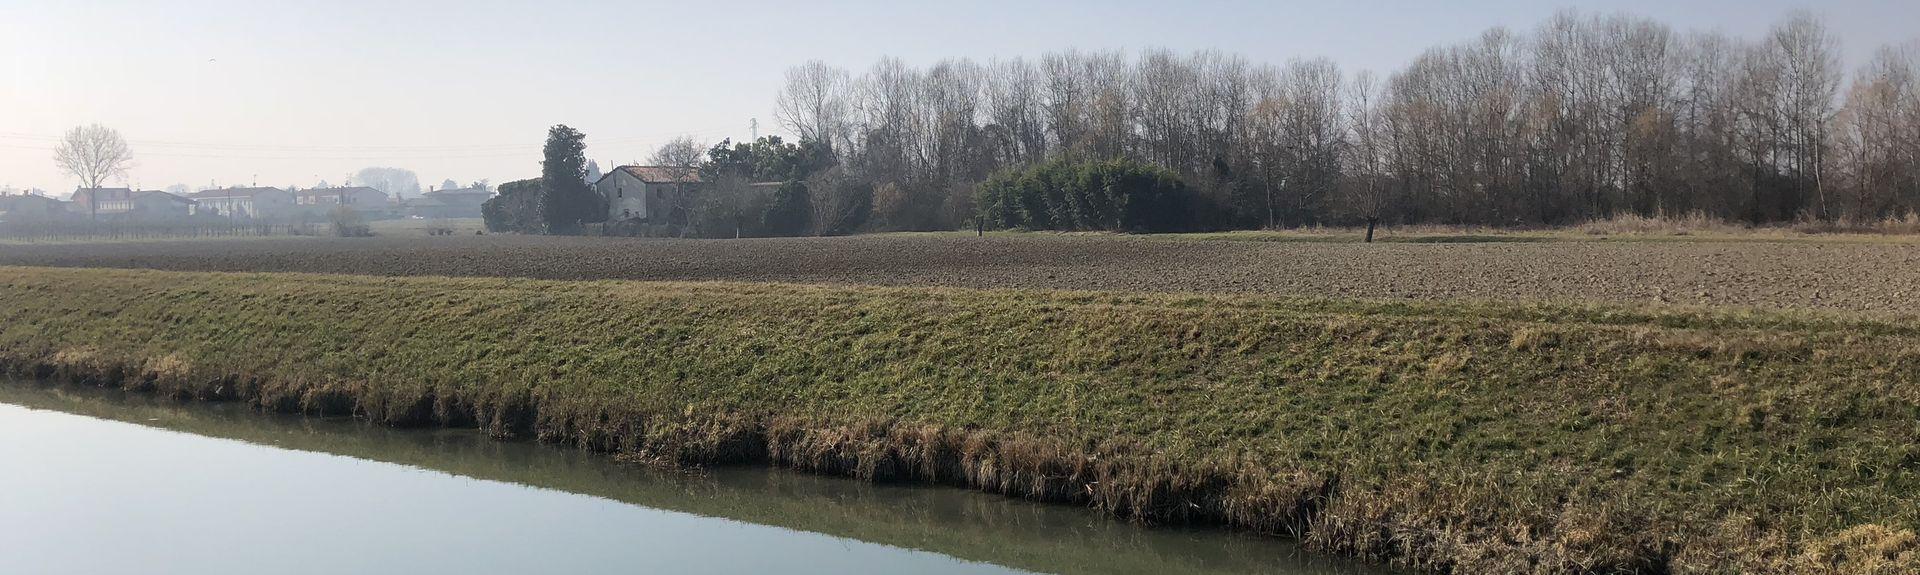 Masera di Padova, Veneto, Italia